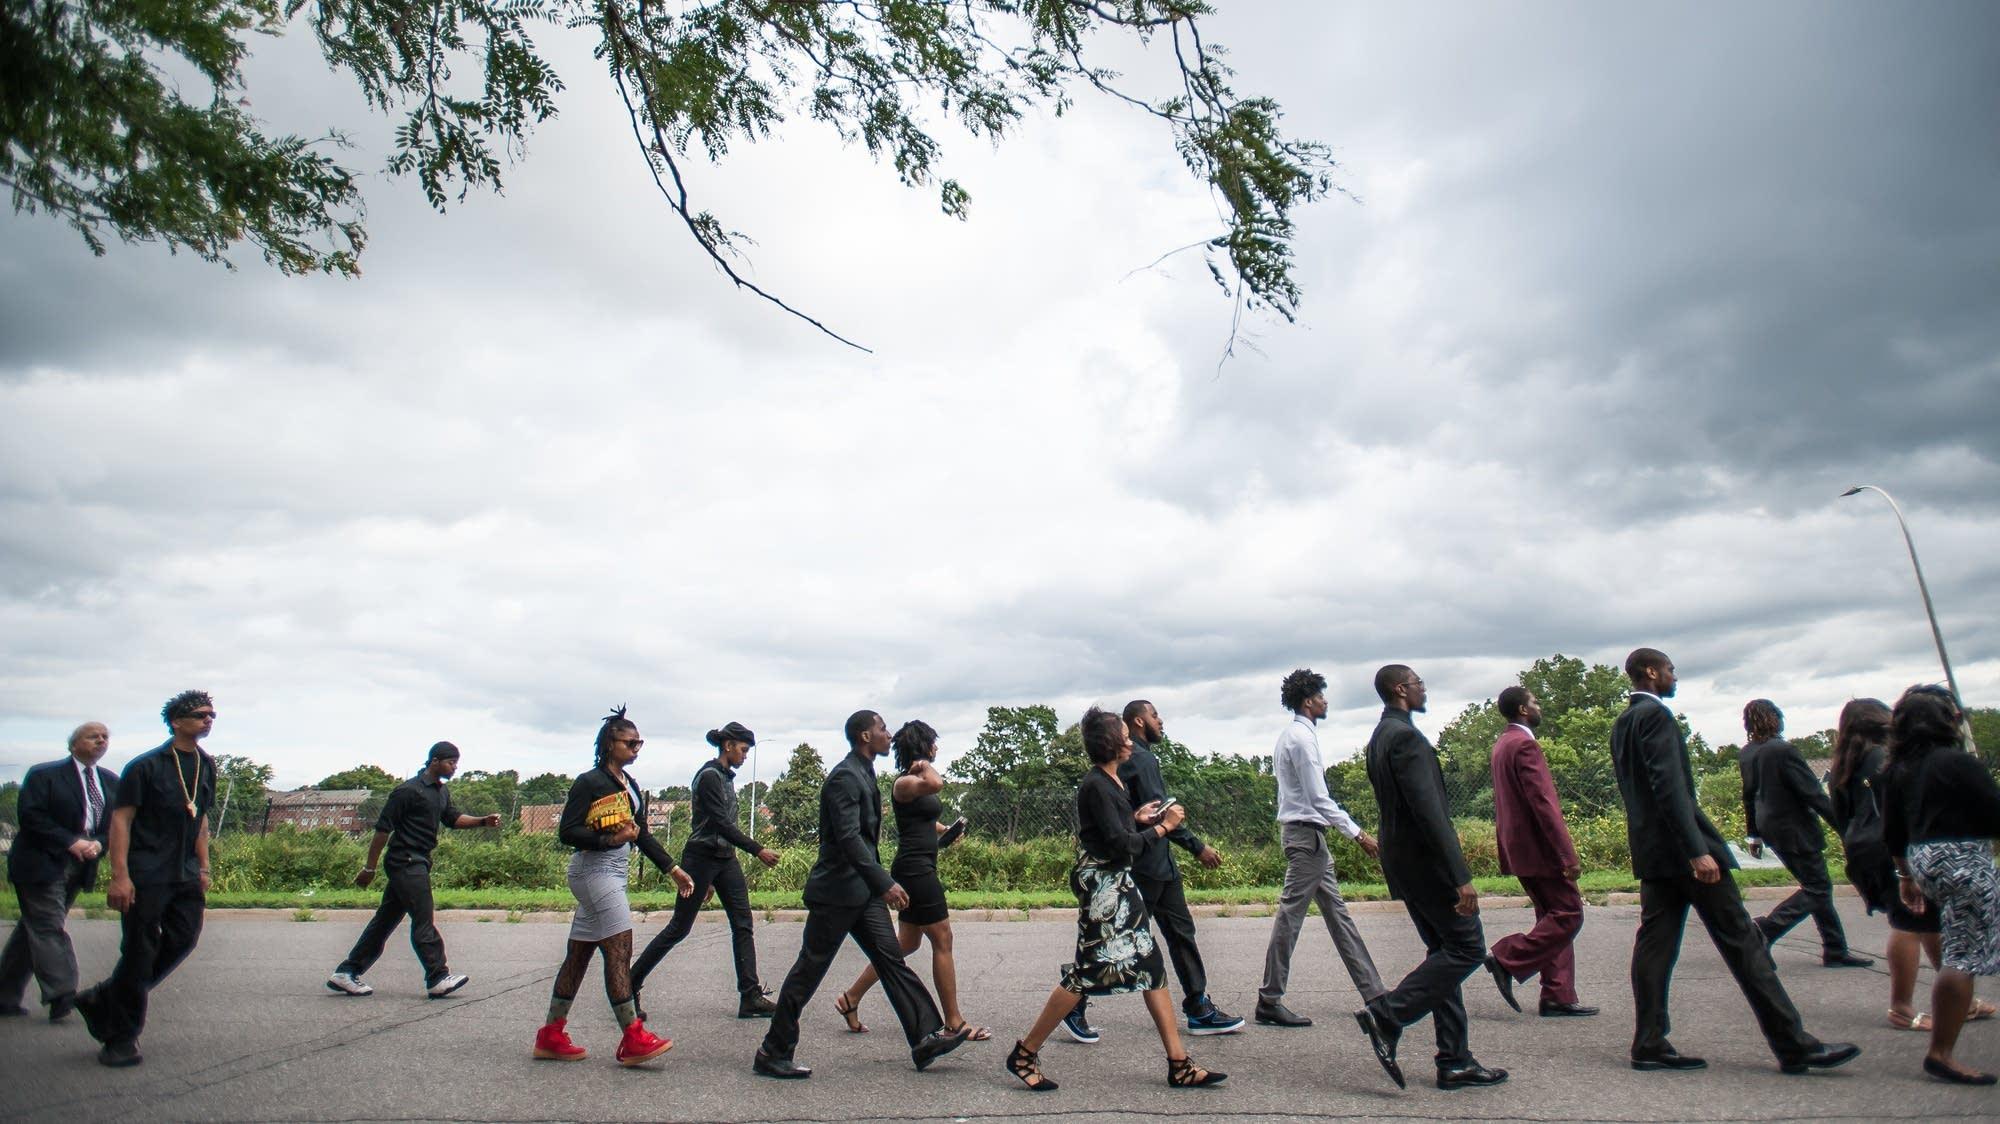 Procession outside Philando Castile's funeral